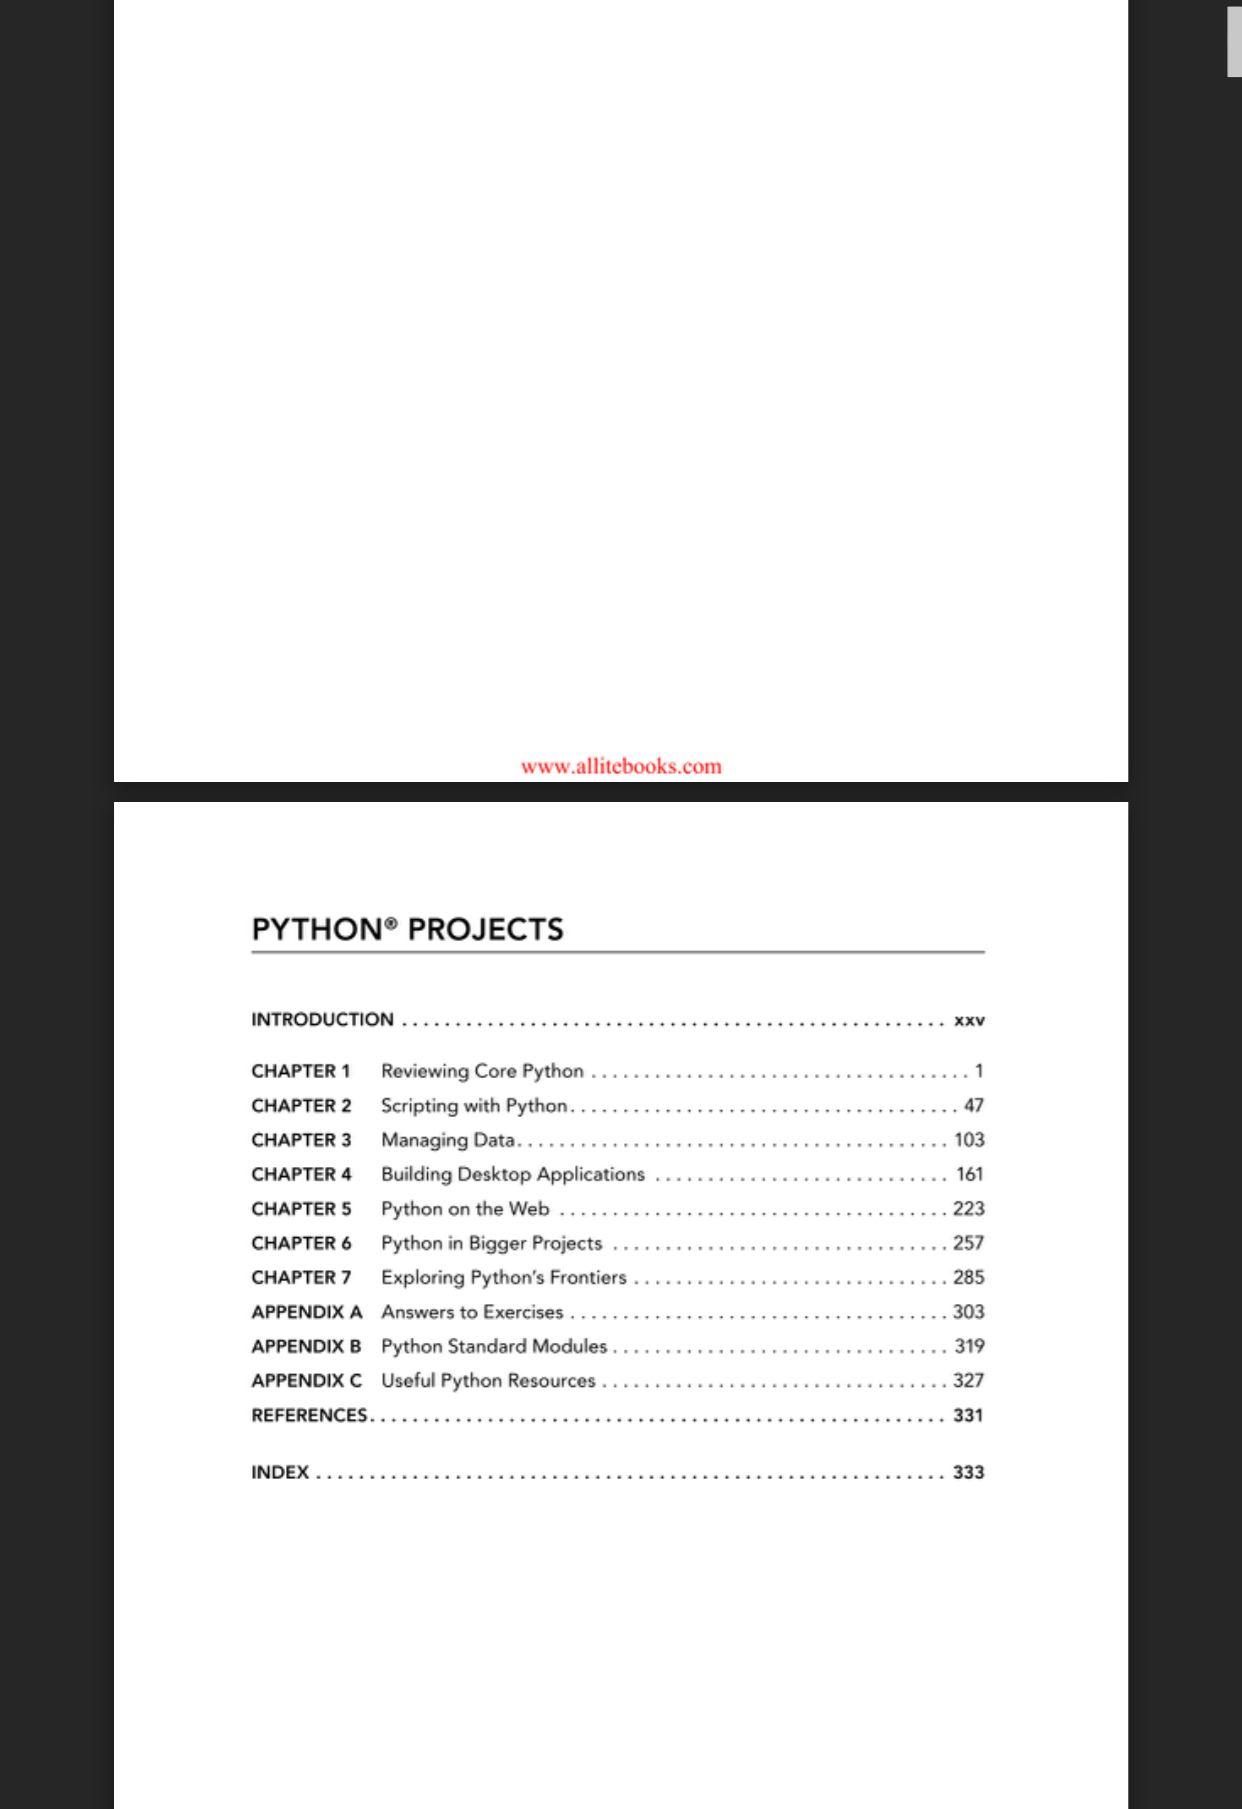 Pin by Karen Beltran on Code in 2019 Coding, Python